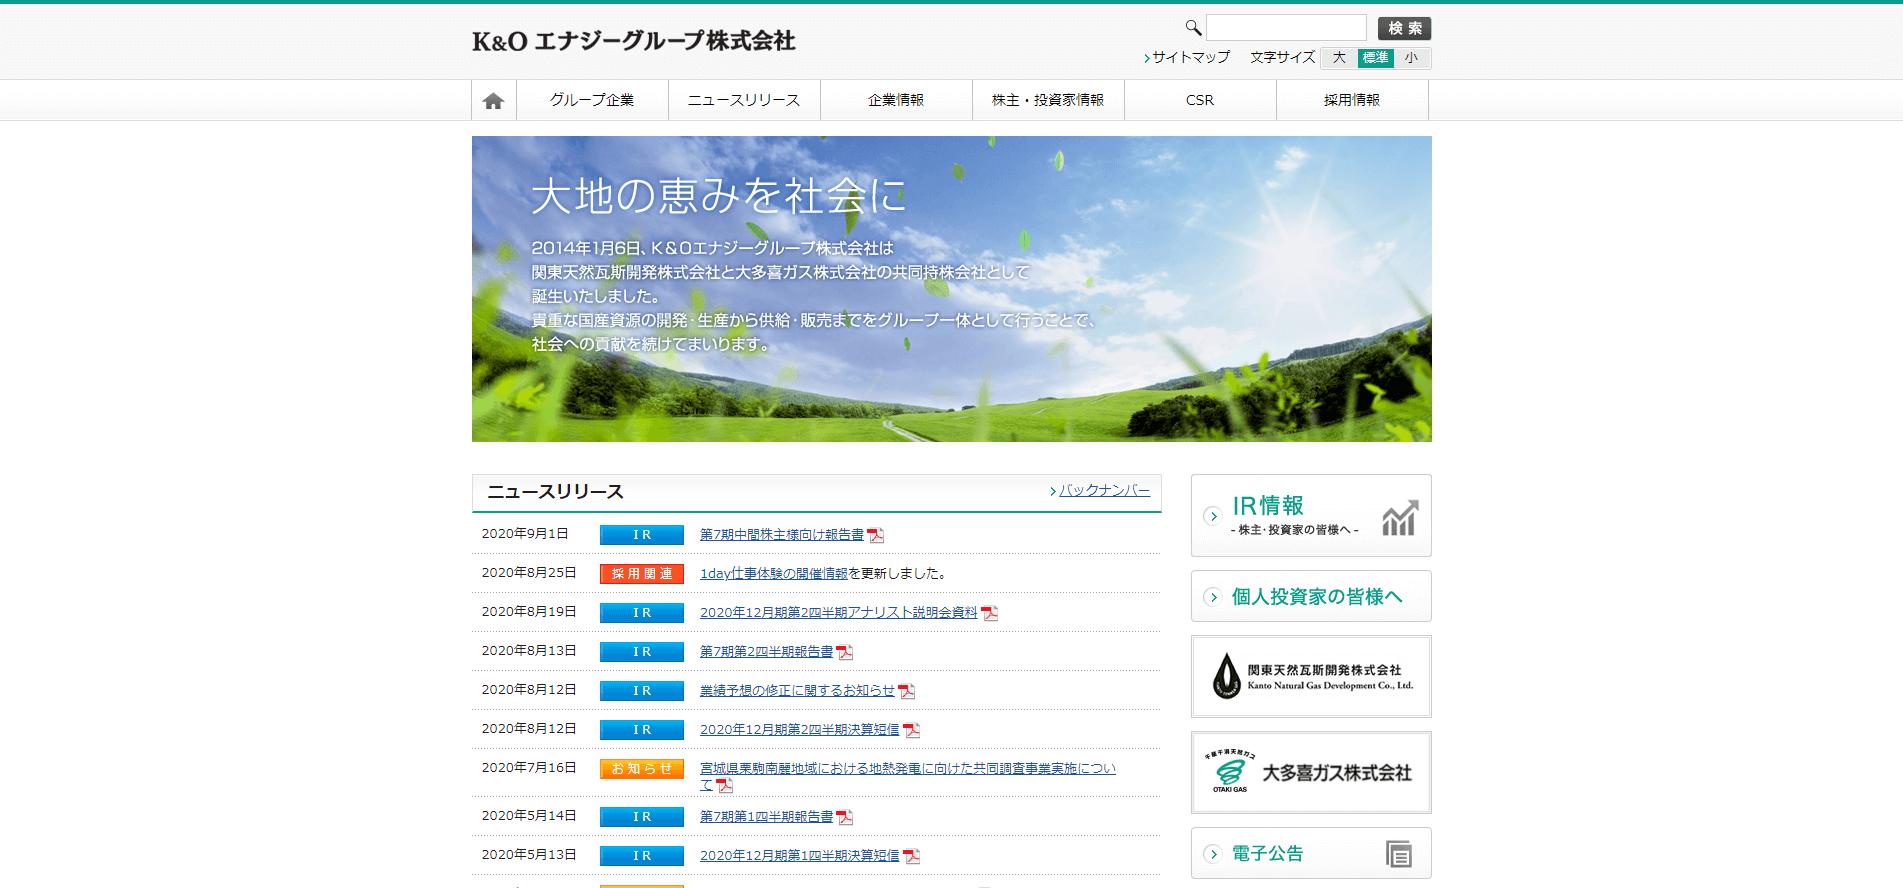 K&Oエナジーグループ株式会社